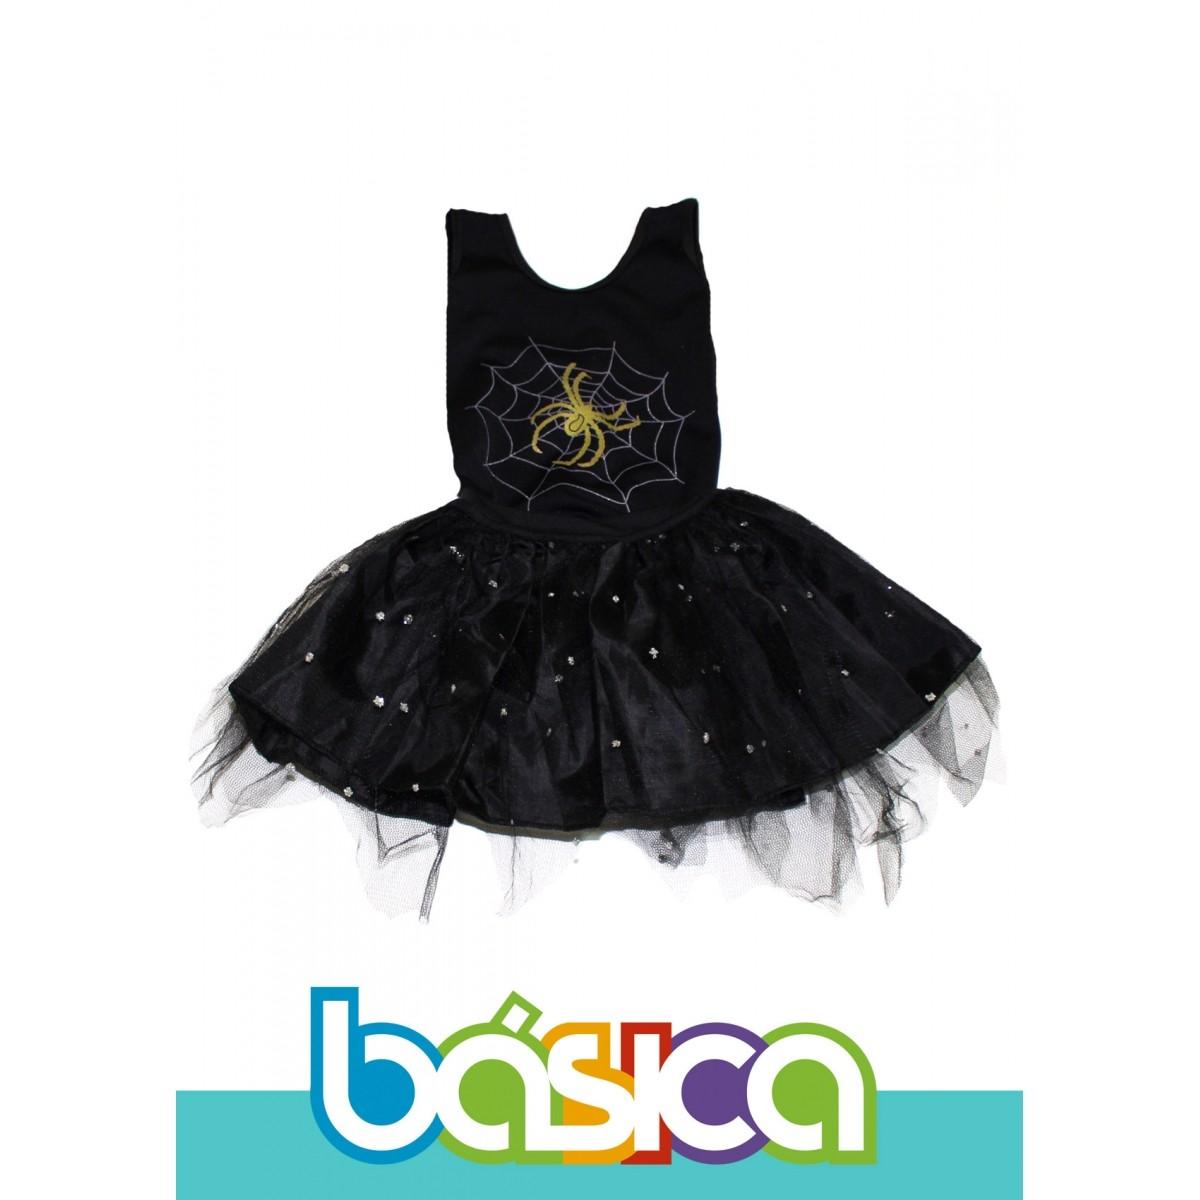 Fantasia de Bruxa Infantil com Tule Preto  - BÁSICA UNIFORMES